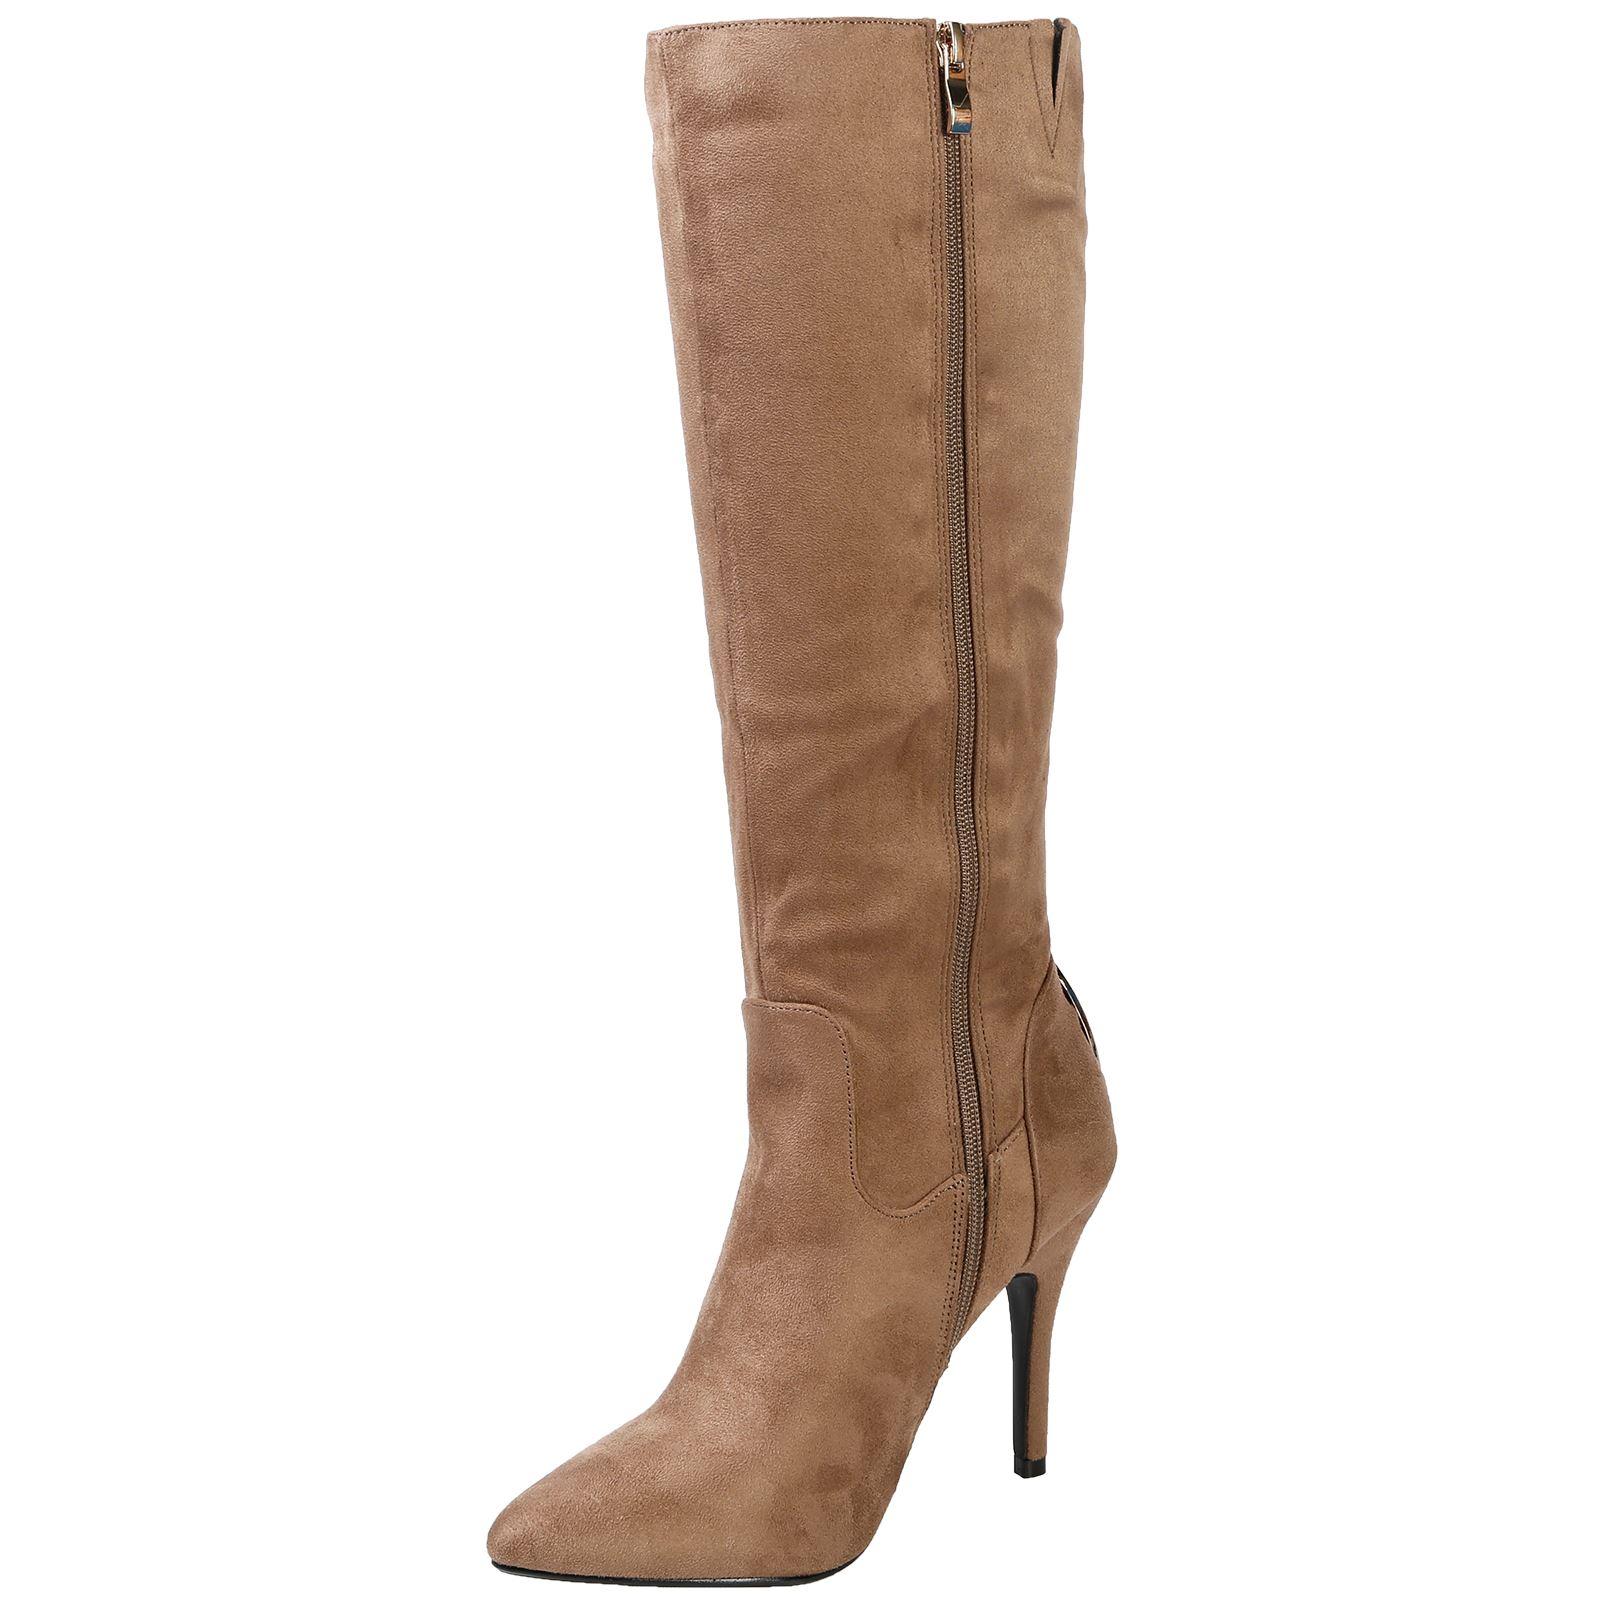 Martina-Mujer-Zapatos-De-Taco-Alto-Botas-De-Las-Senoras-De-Cremallera-Hasta-Mitad-de-Pantorrilla